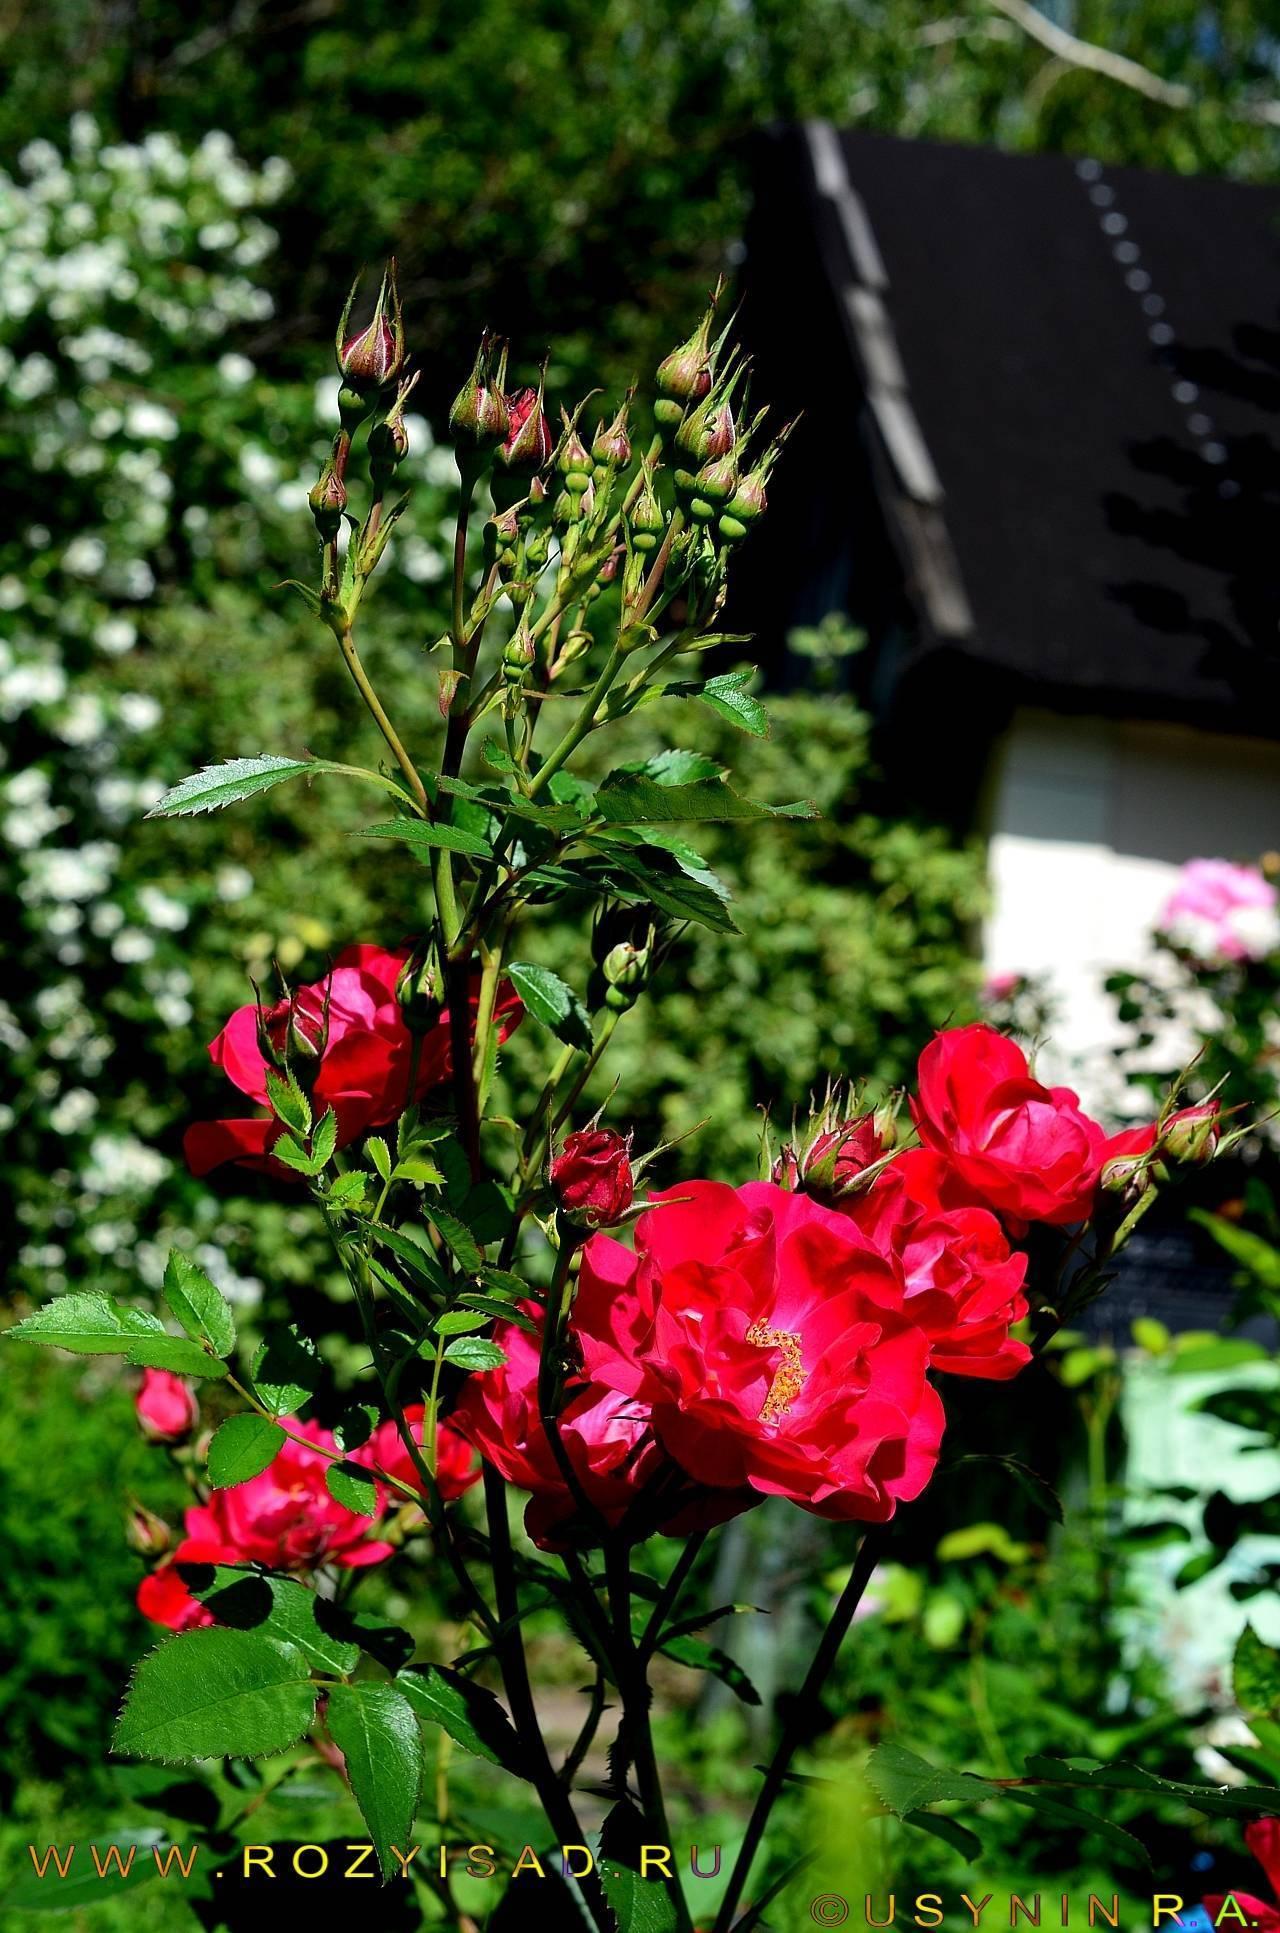 Роза аделаида худлес парковая канадская. аделаида худлесс (adelaide hoodless) — описание розы. преимущества и недостатки аделаиды худлесс